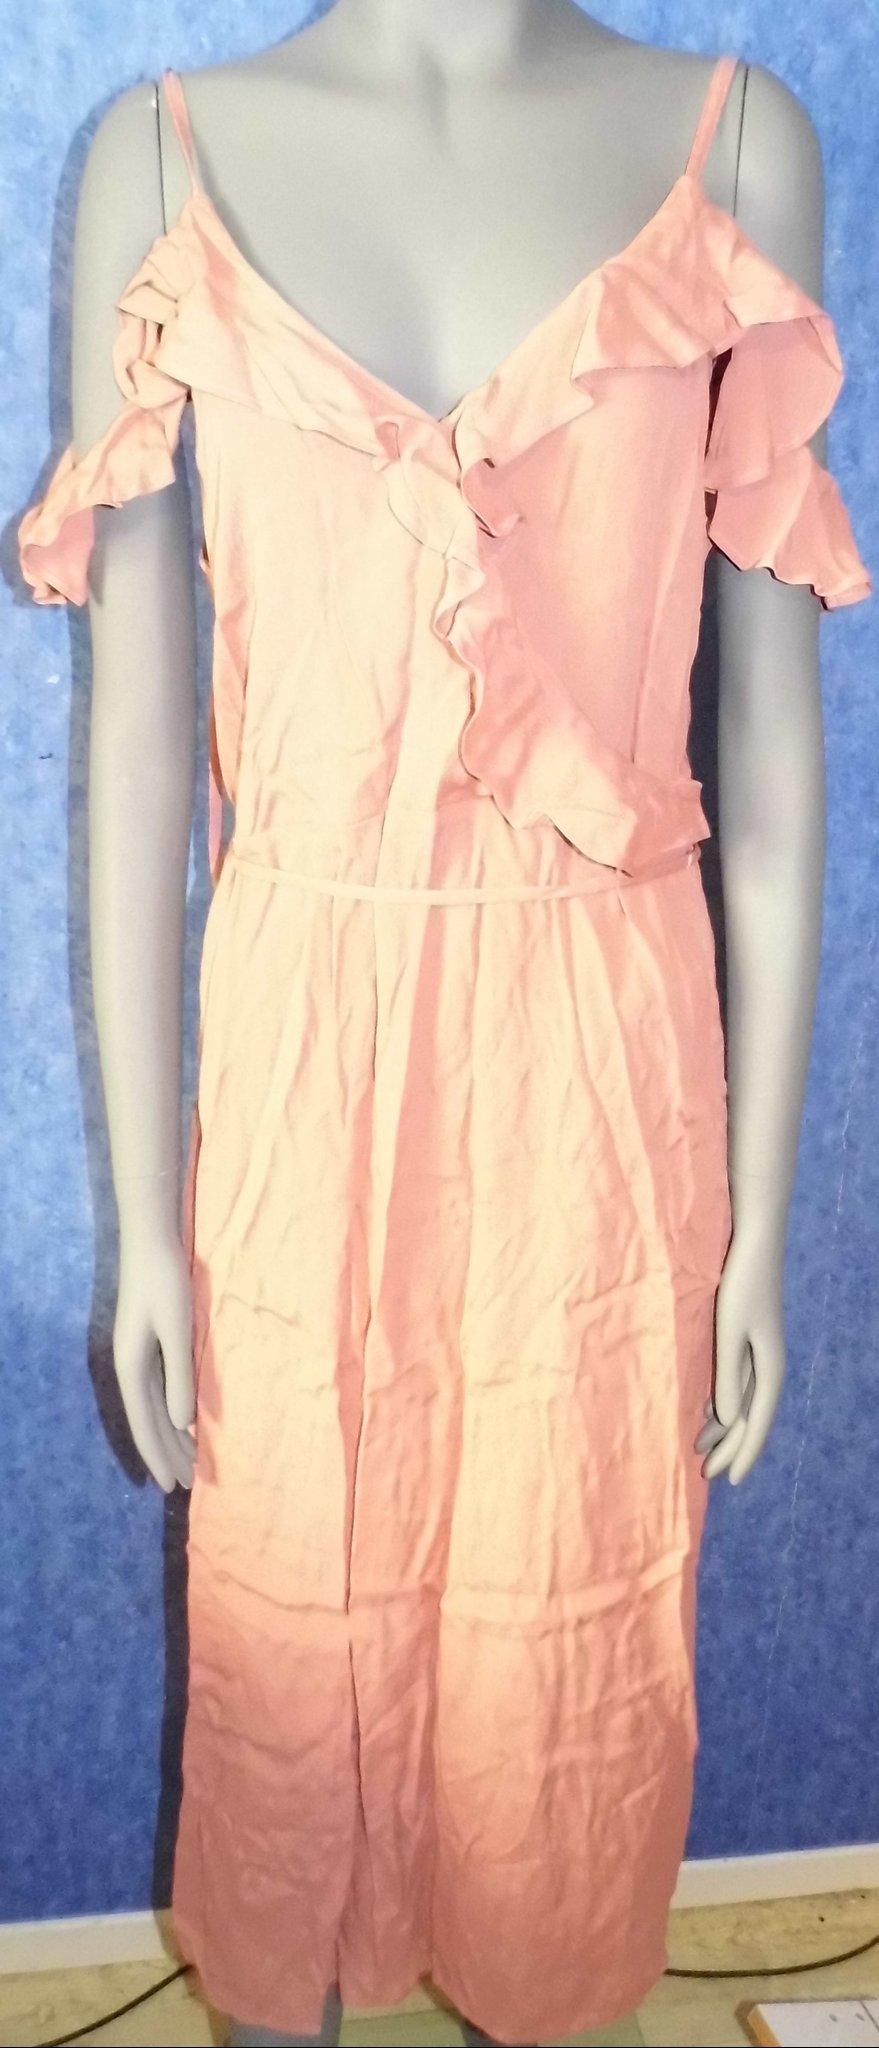 fa190f9e2c4a Laxrosa klänning (346947648) ᐈ Köp på Tradera